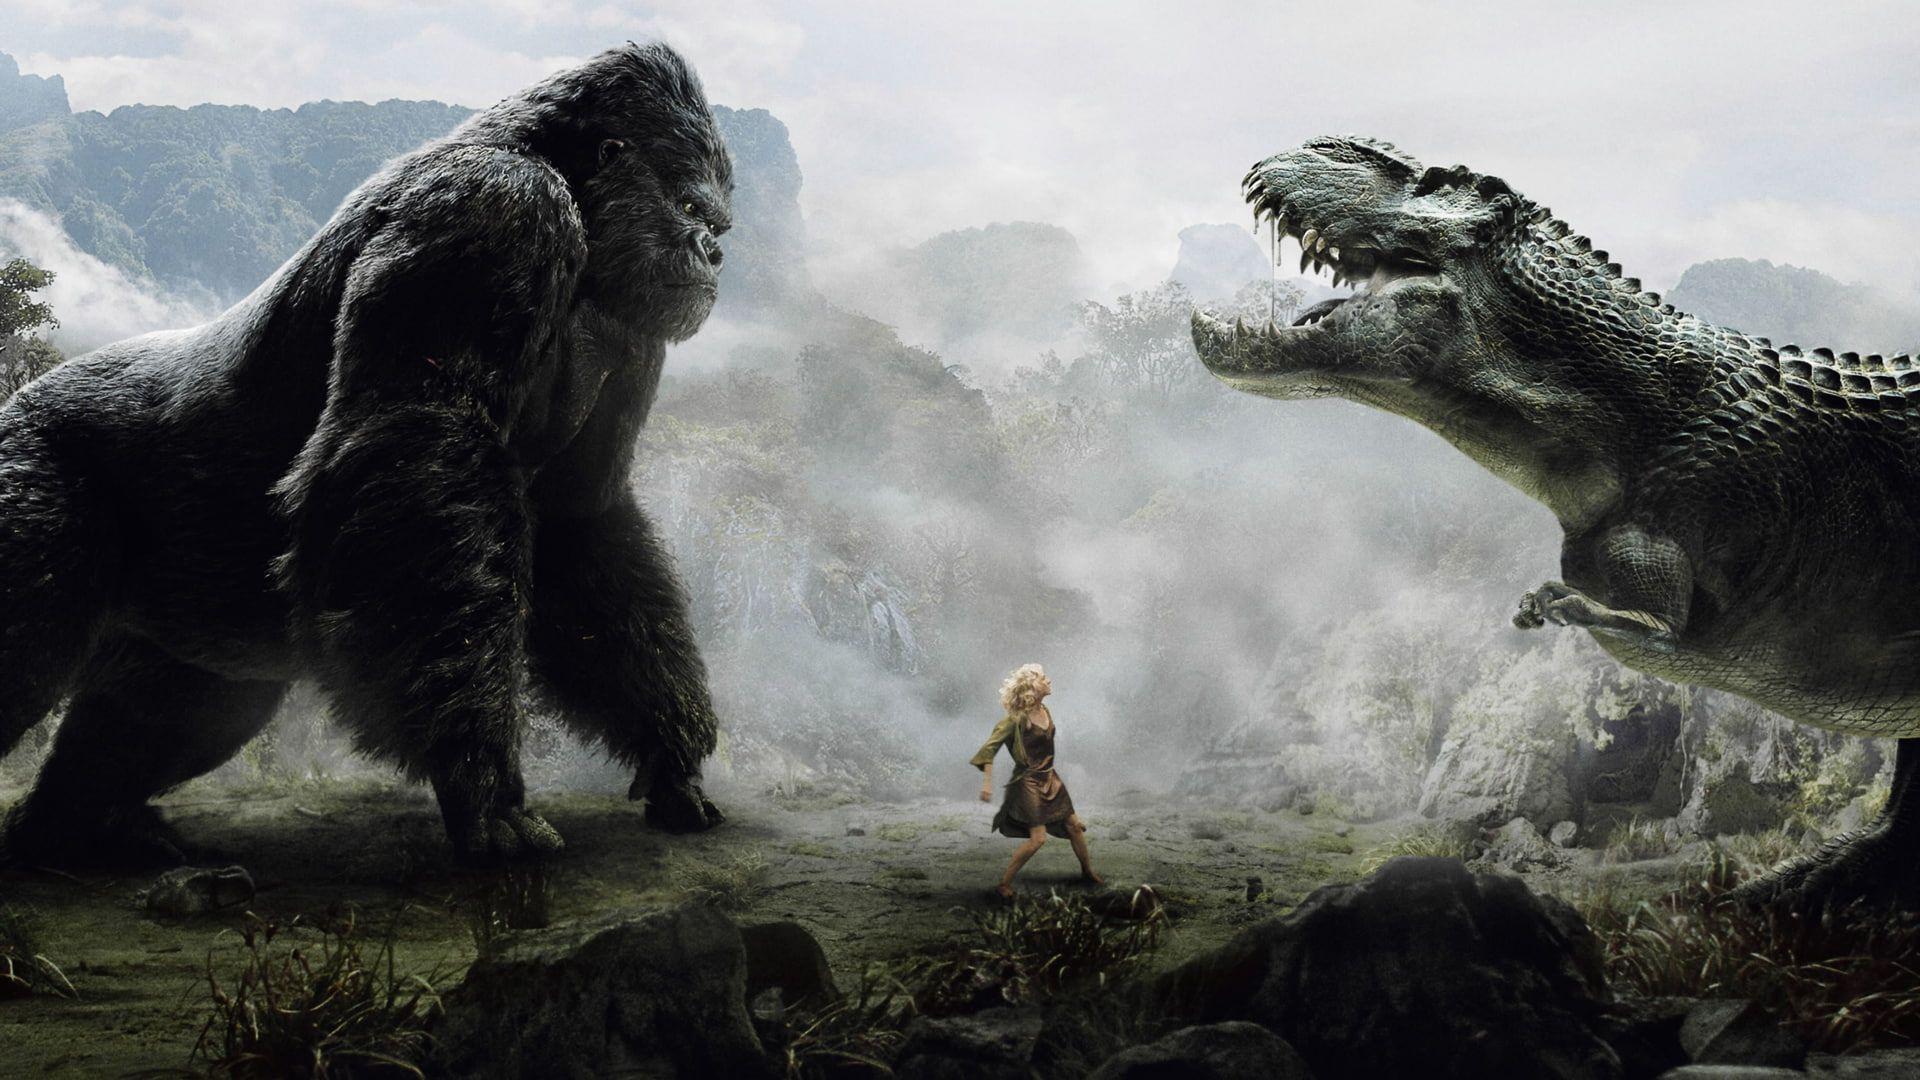 HD wallpaper: King Kong HD, movies